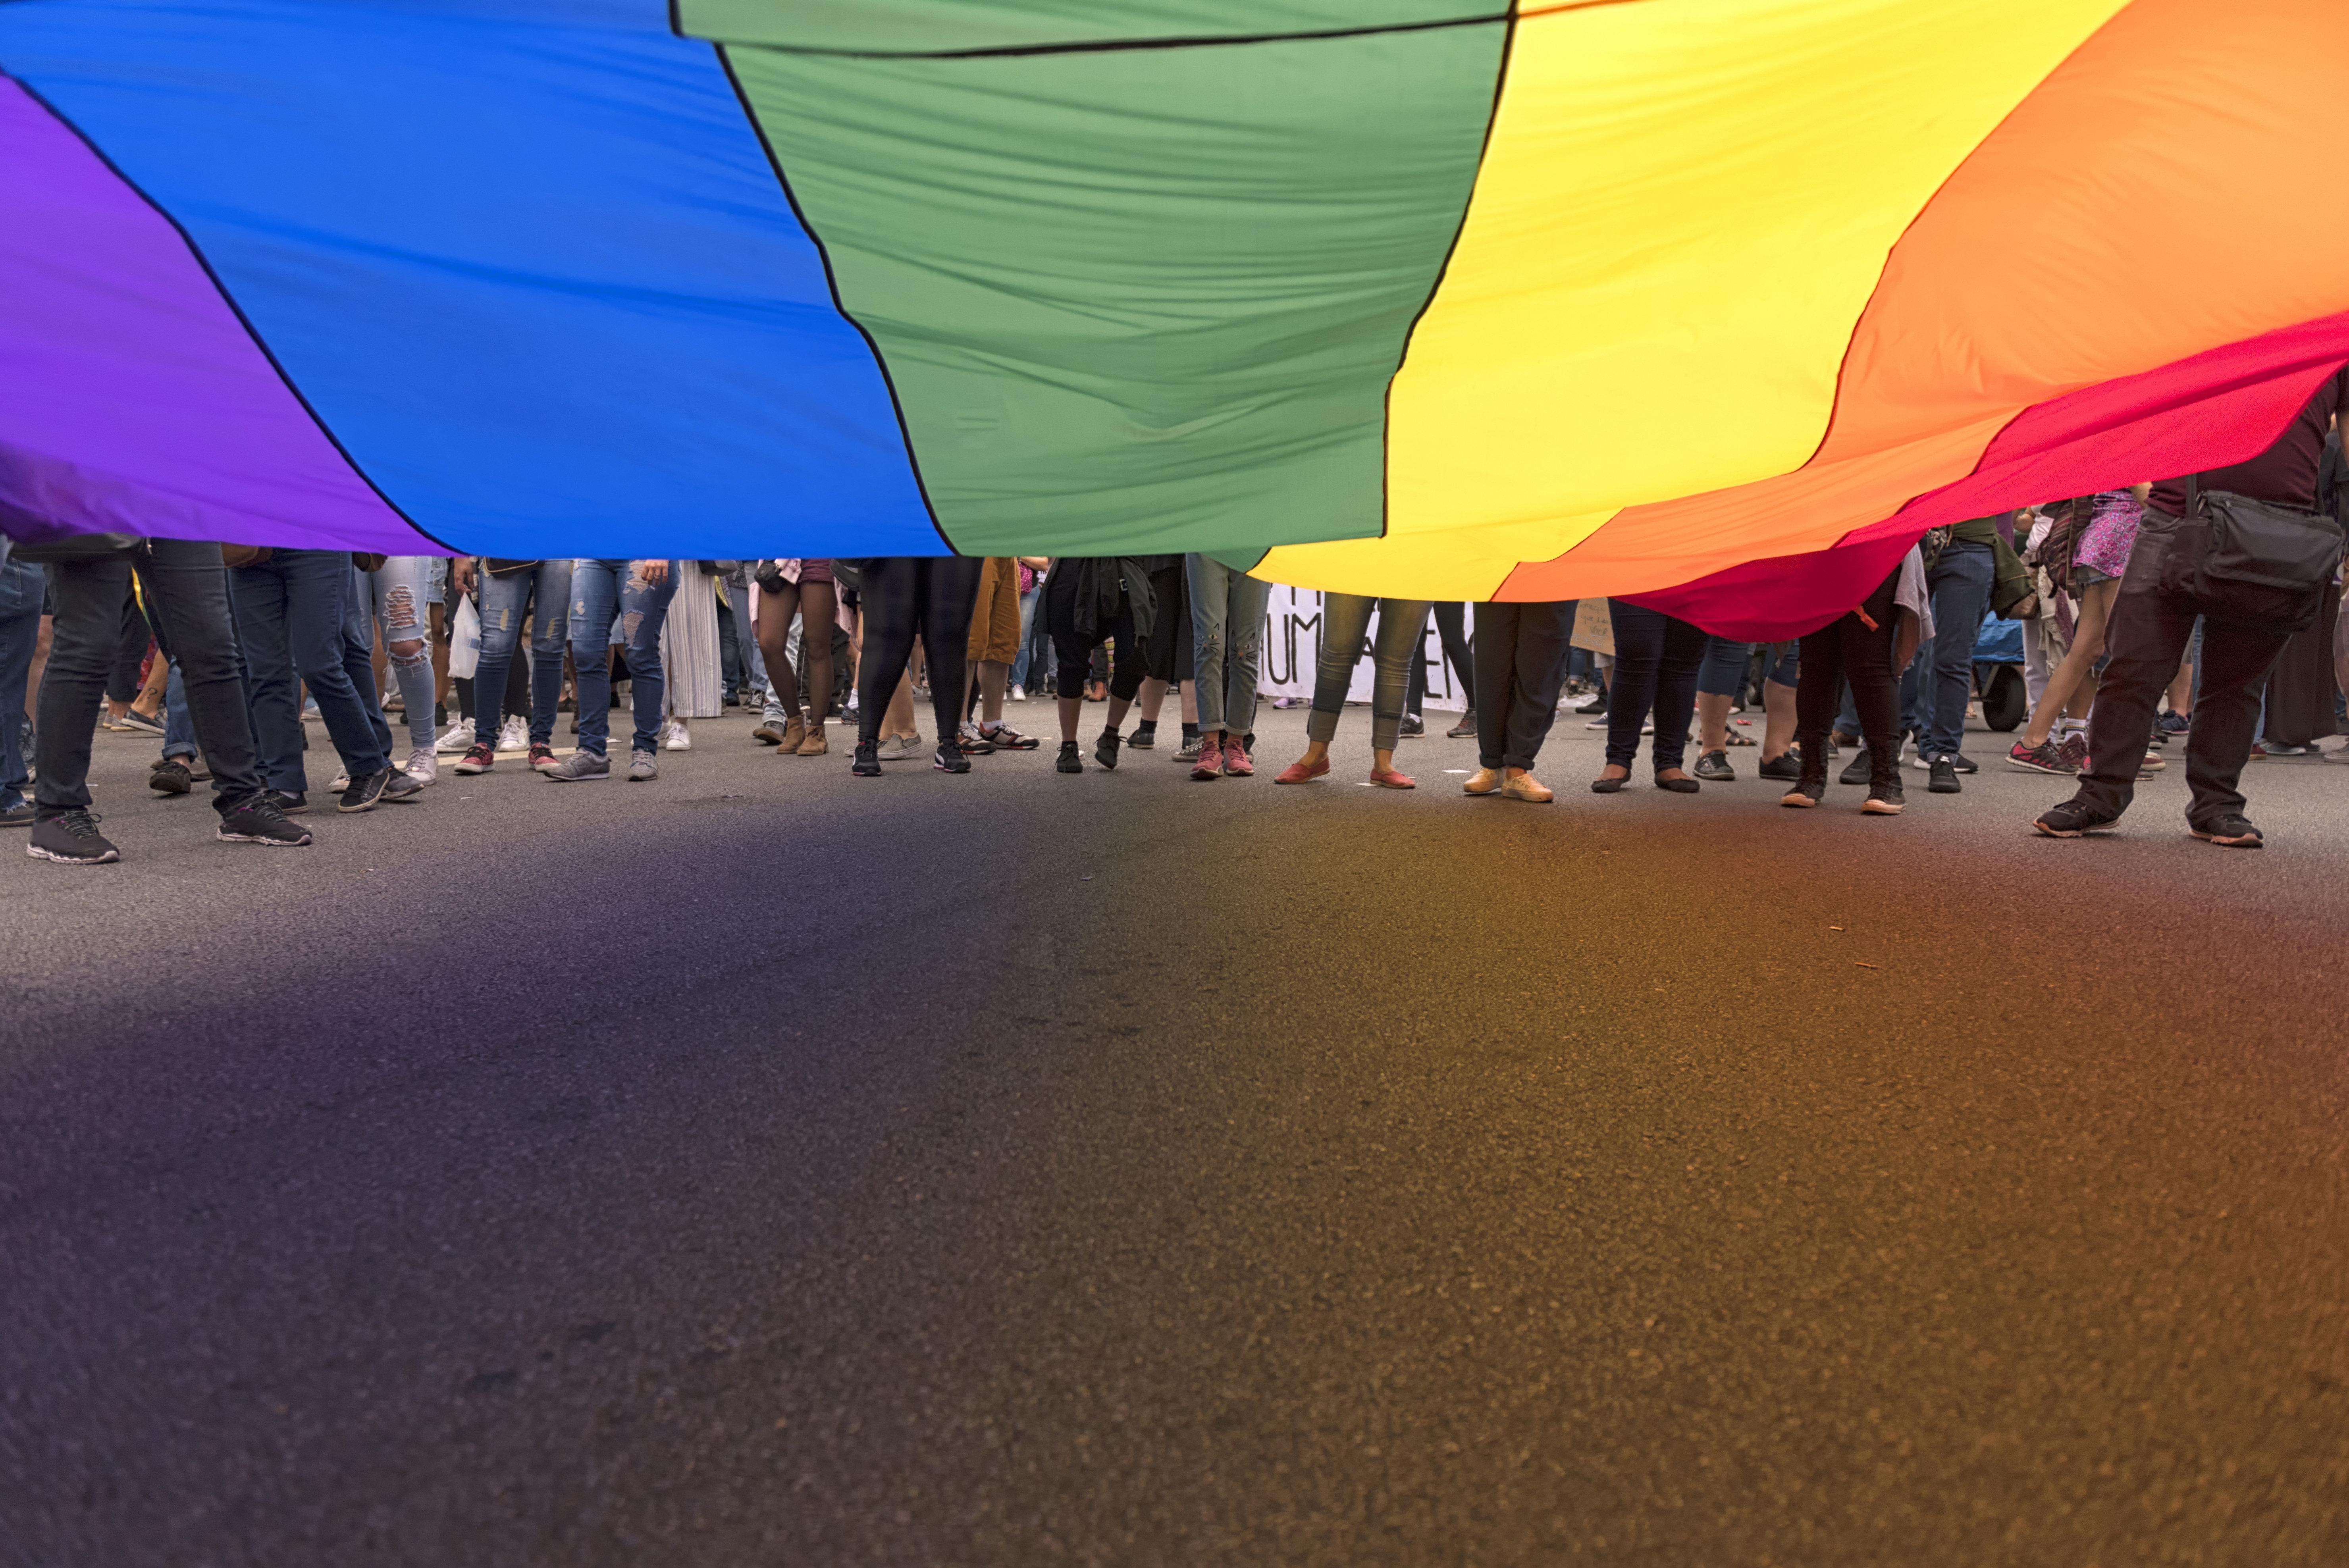 CCJ do Senado aprova criminalização da LGBTfobia e a equipara ao